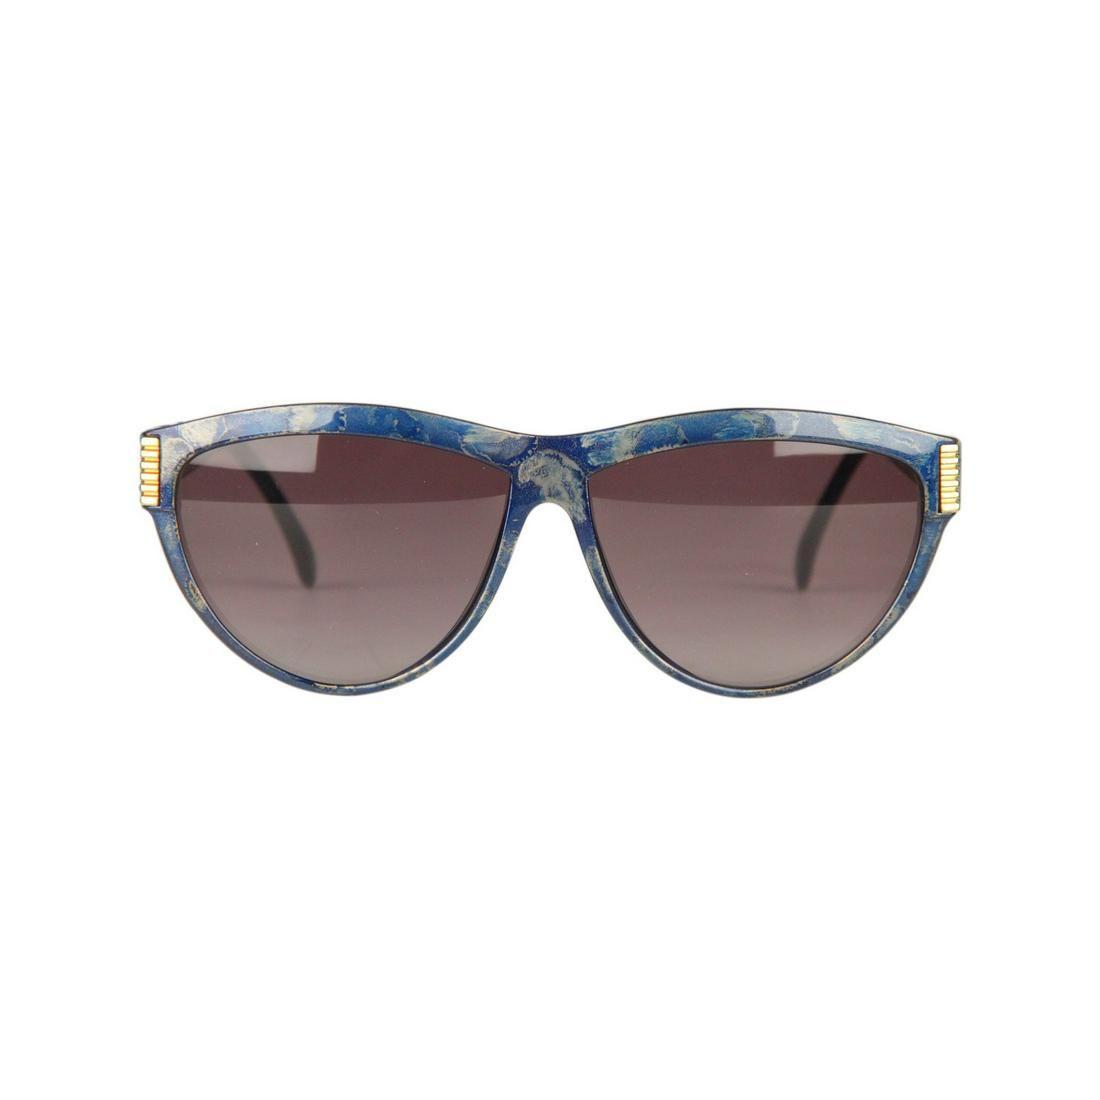 Yves Saint Laurent Vintage Blue Mint Sunglasses 9045